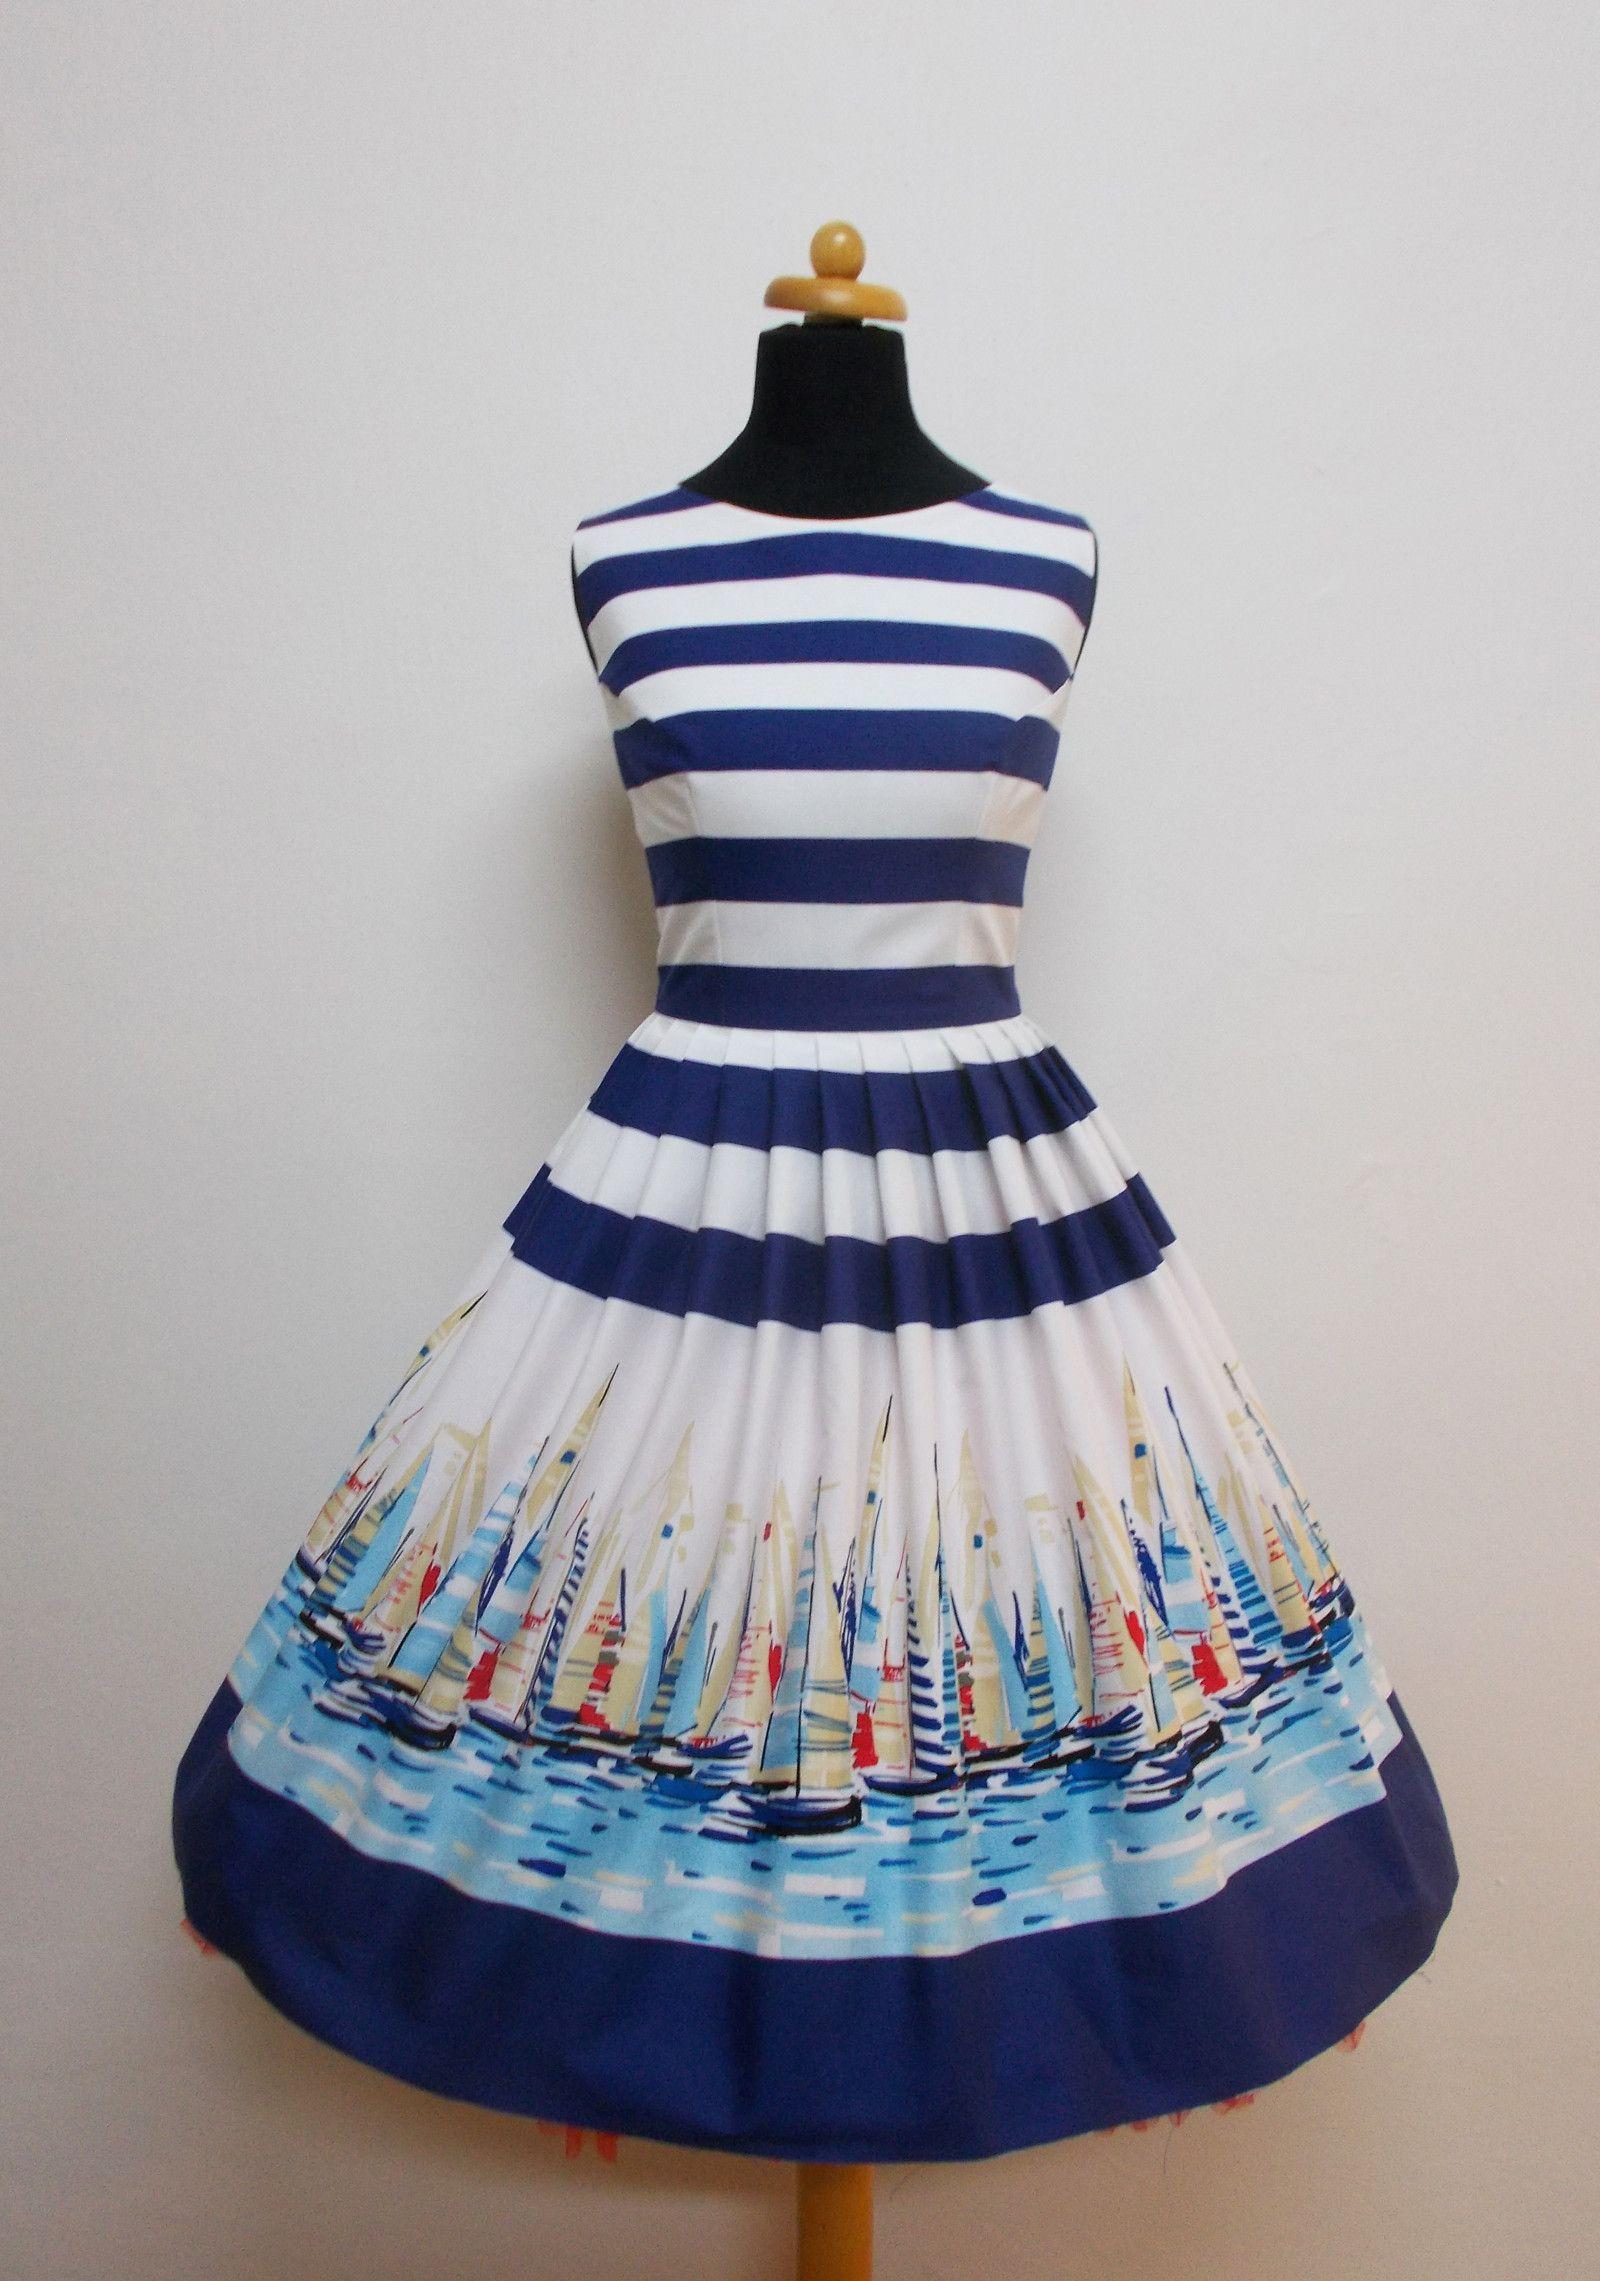 Plachetnice+Materiál-bavlna,+podšívka-satén+Obvod+hrudi-90cm+Obvod+pasu-70cm+Délka+sukně-60cm+Bez+spodničky